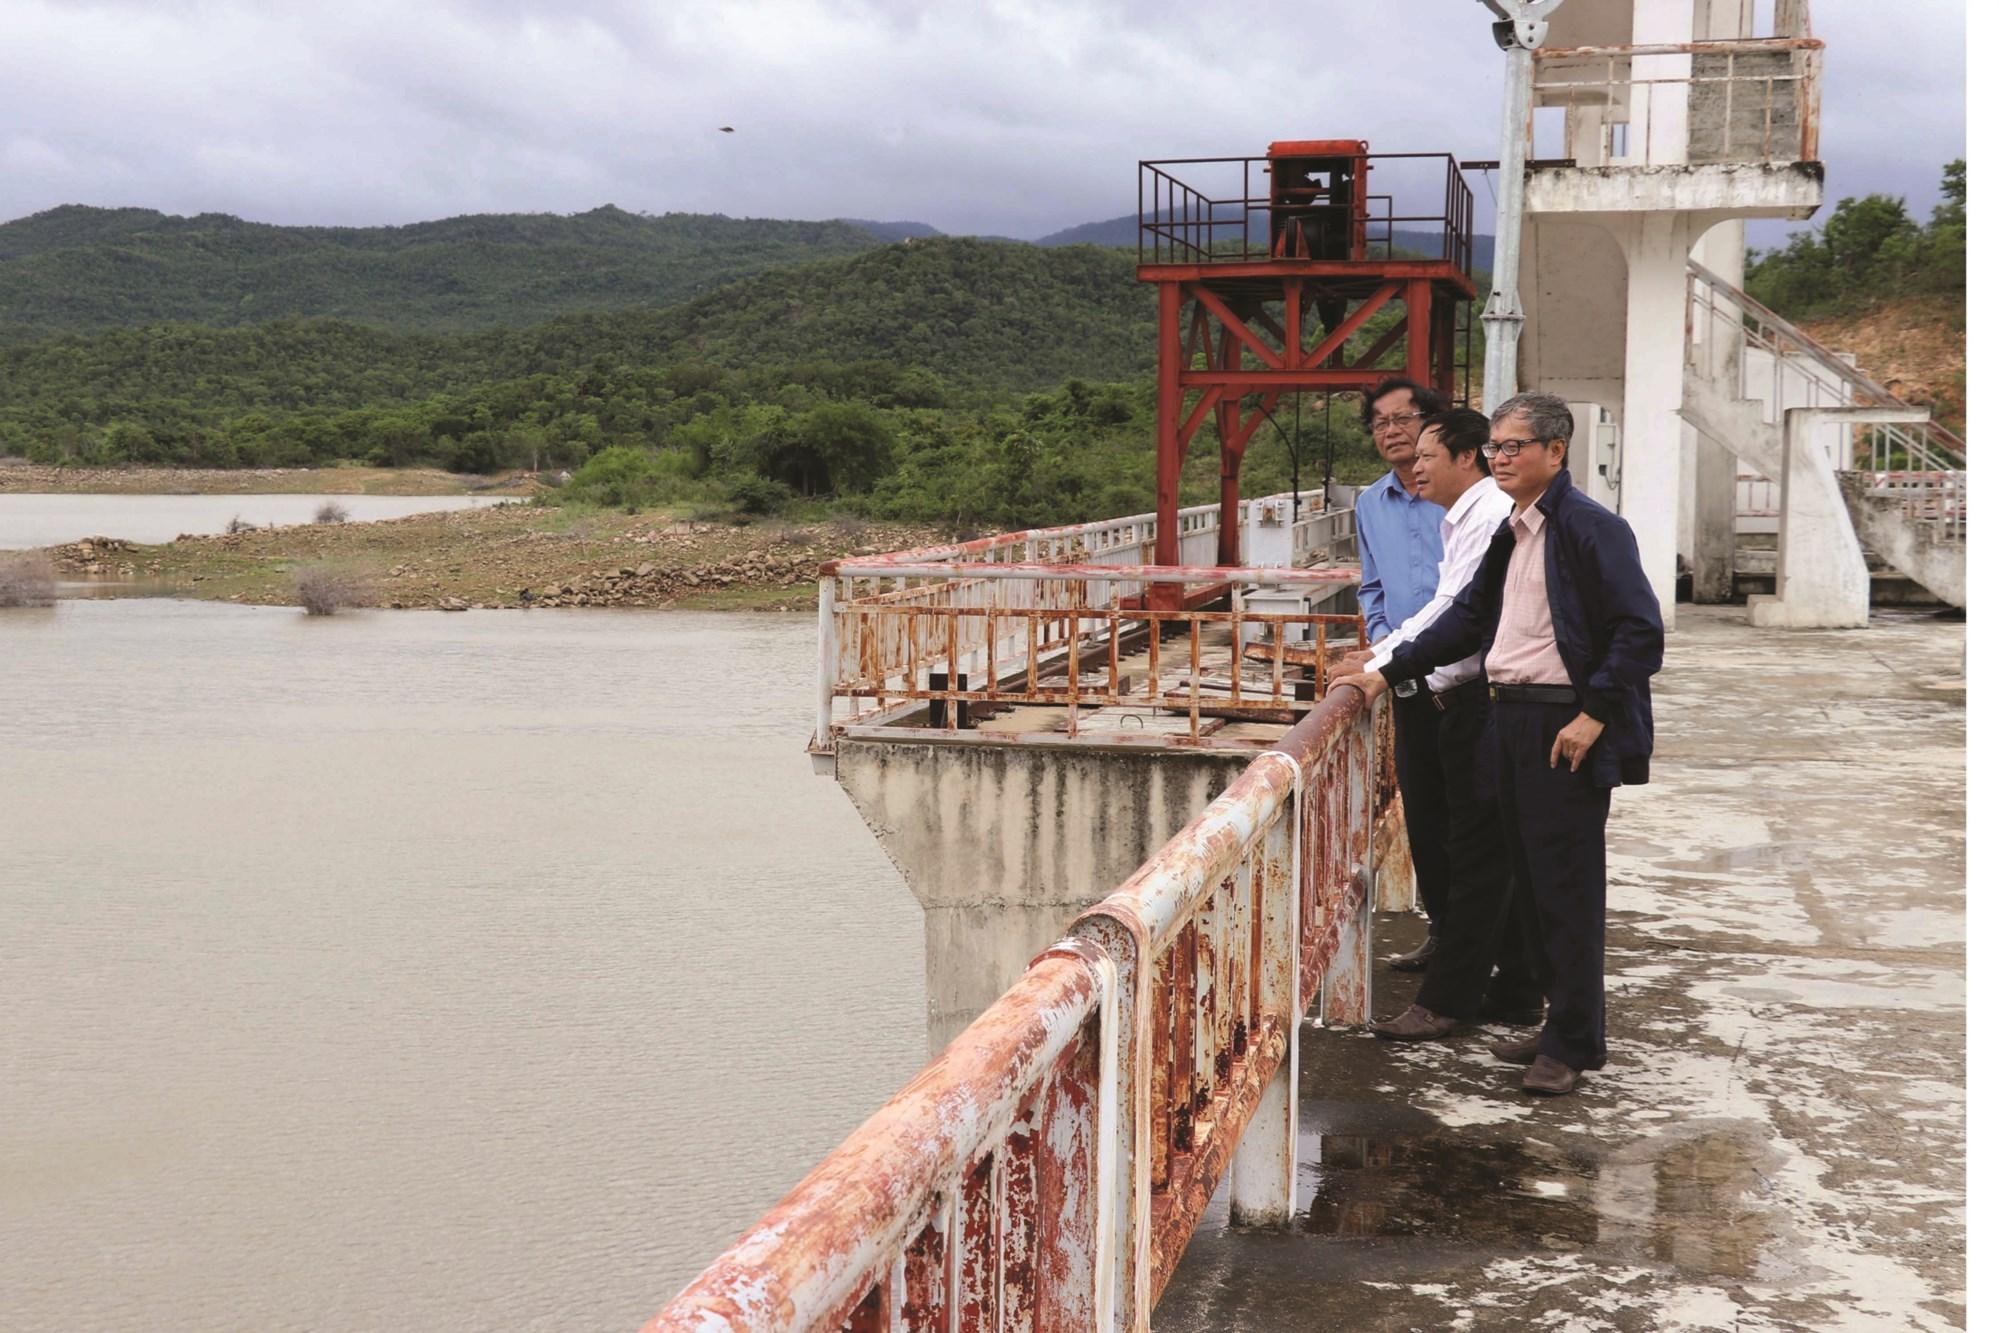 Lãnh đạo Sở Nông nghiệp và Phát triển nông thôn tỉnh Ninh Thuận  kiểm tra lượng nước các hồ đập.